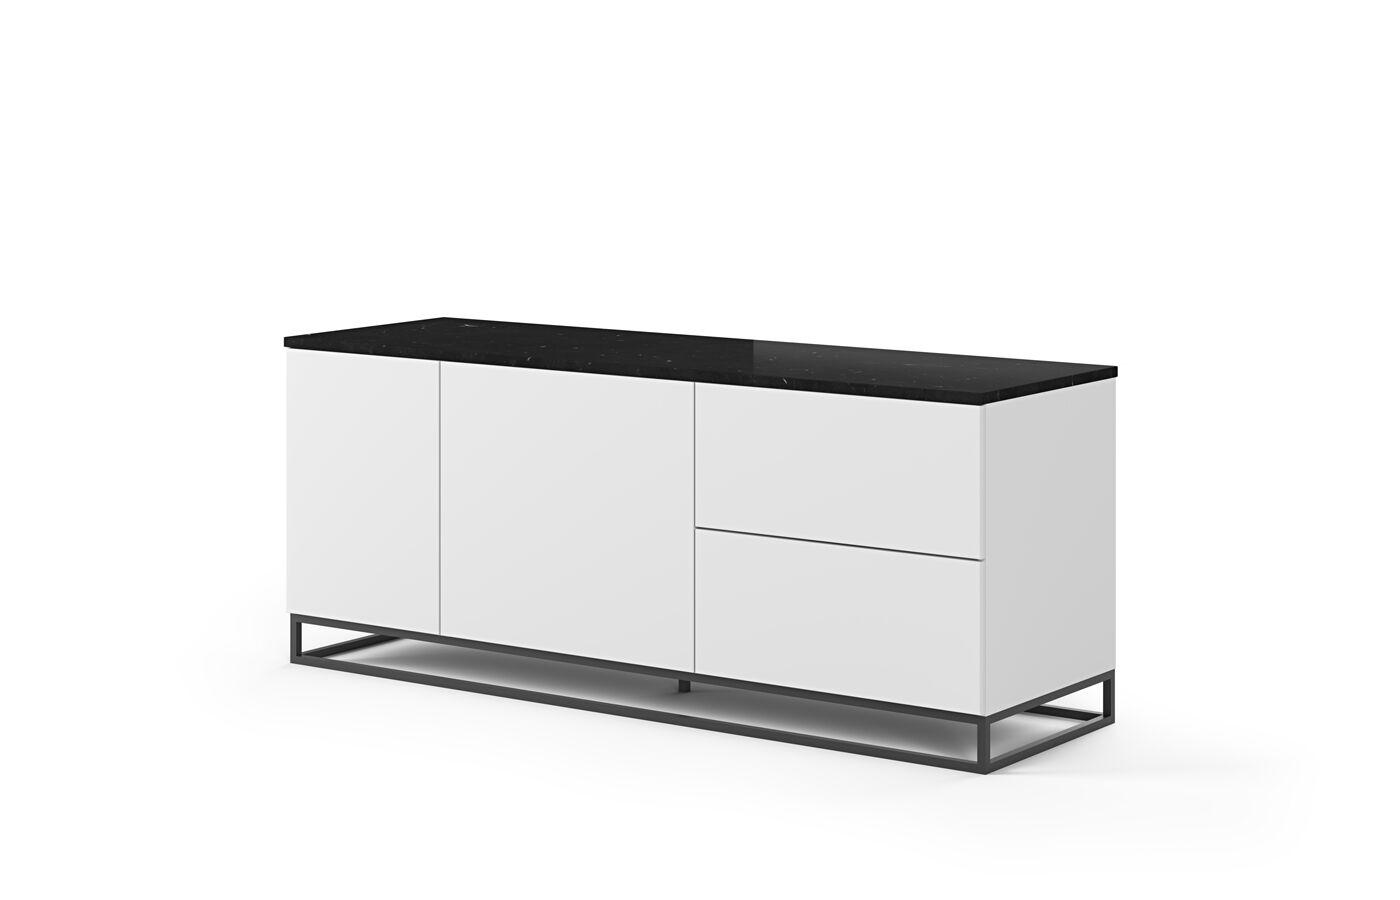 Temahome - Join 160L2 Skjenk m. metalben - Matt hvit/Svart marmor